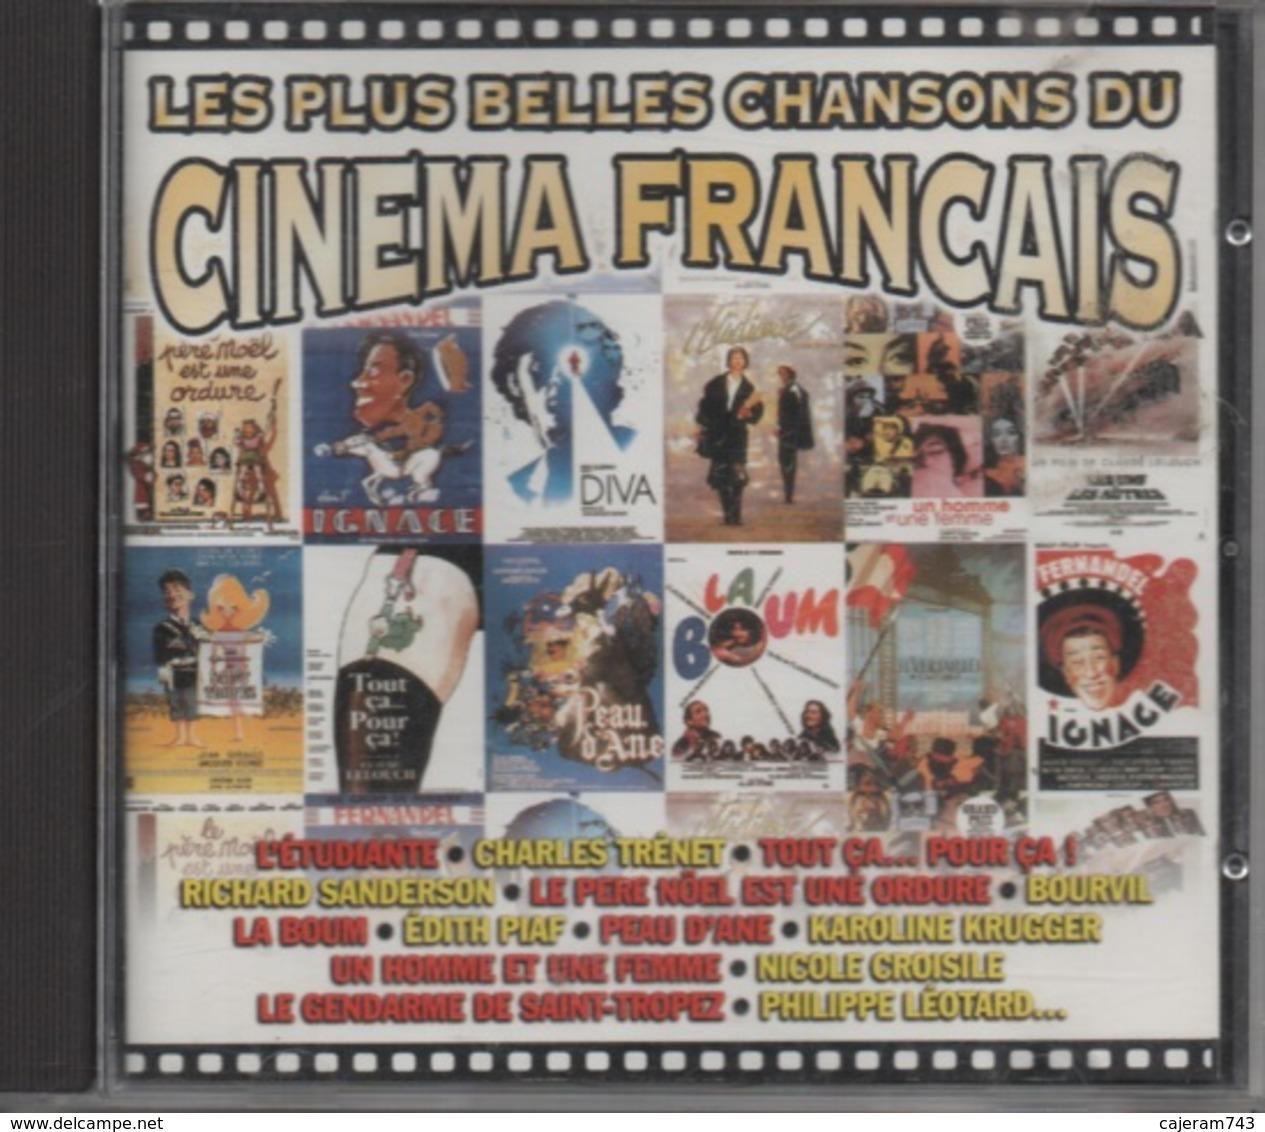 CD. LES PLUS BELLES CHANSONS DU CINEMA FRANCAIS. Richard SANDERSON - BOURVIL - Geneviève GRAD - Guy MARCHAND -Edith PIAF - Filmmusik